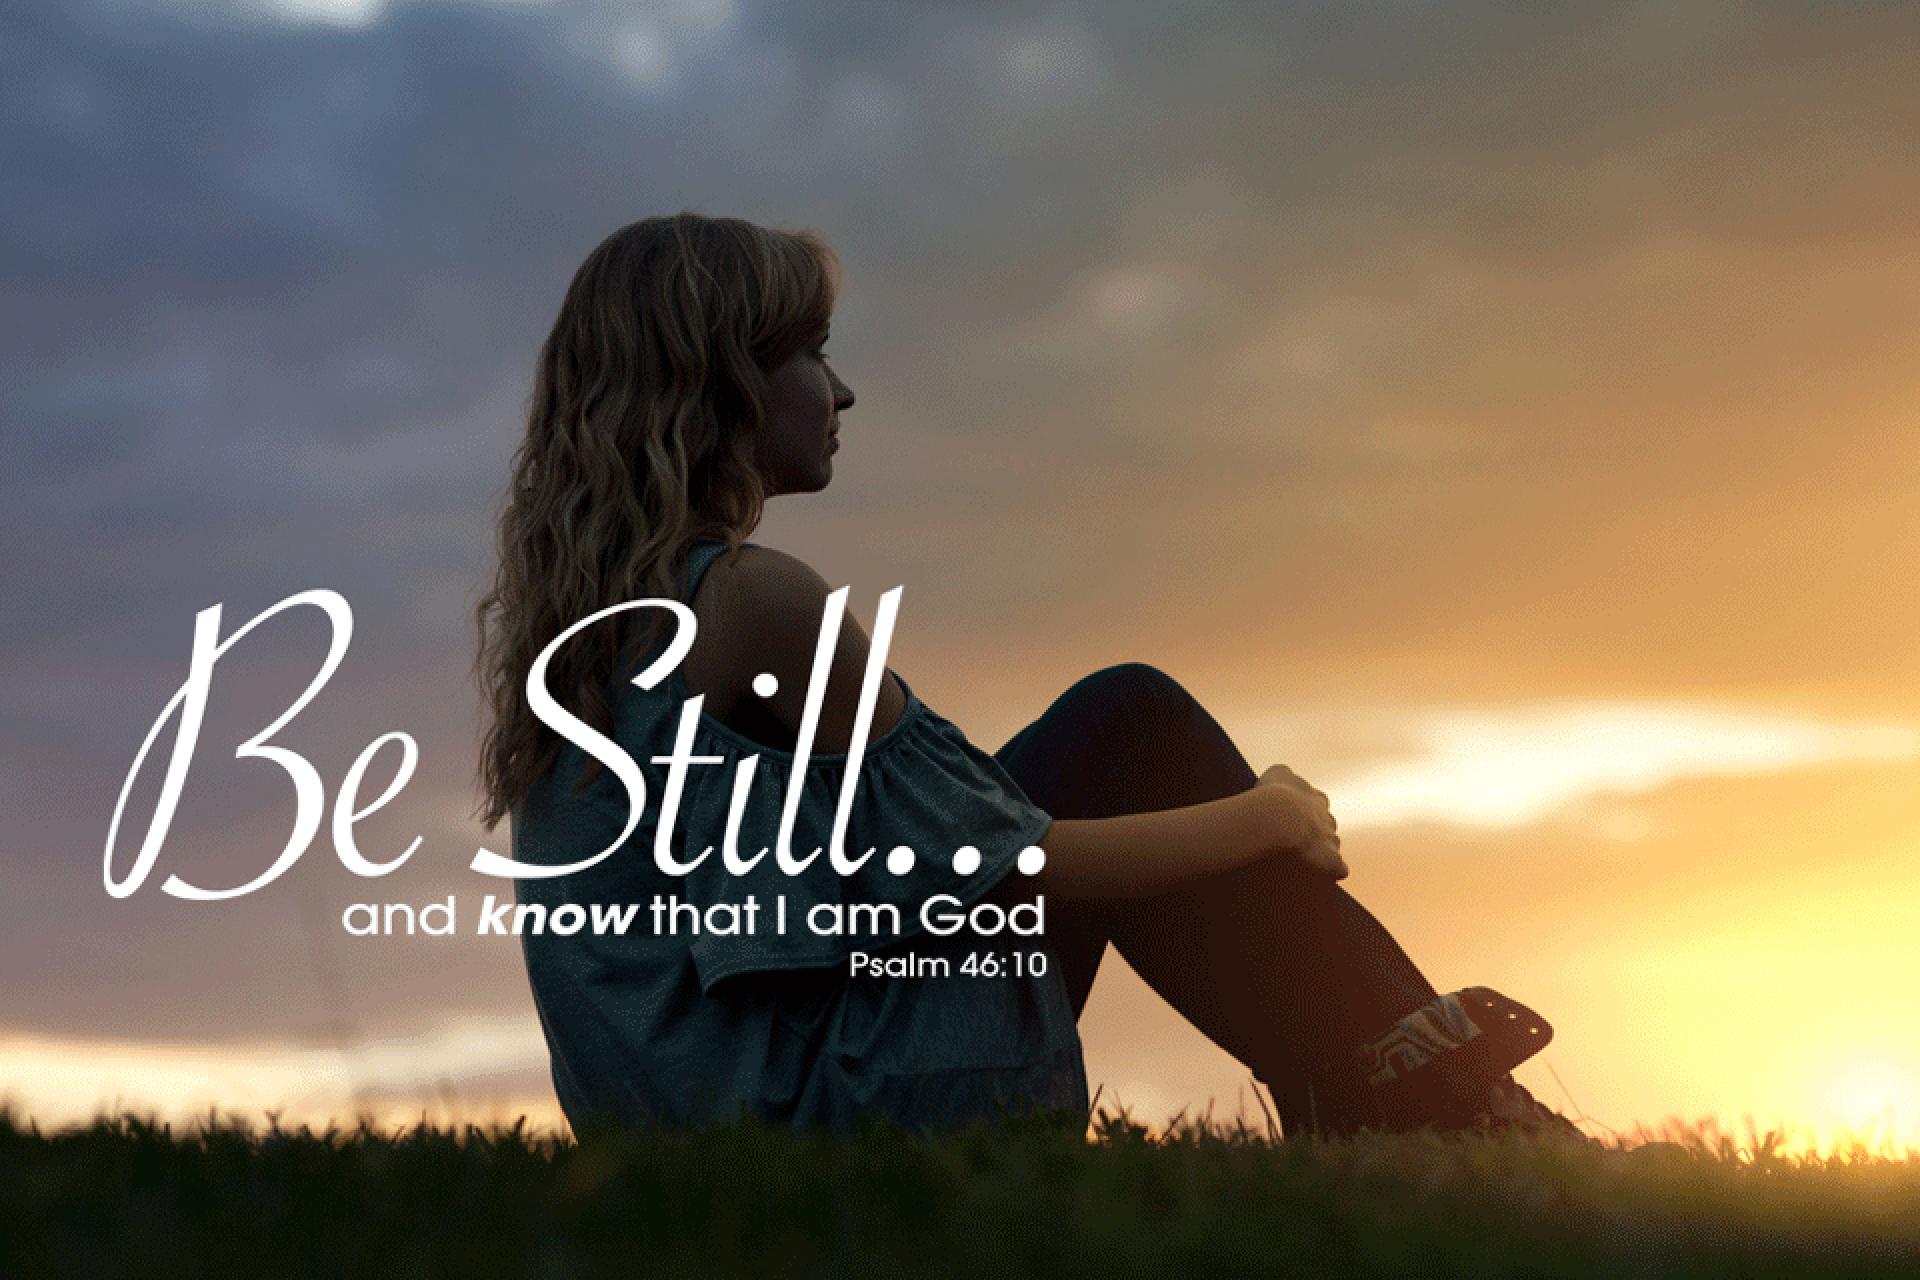 Be Still!